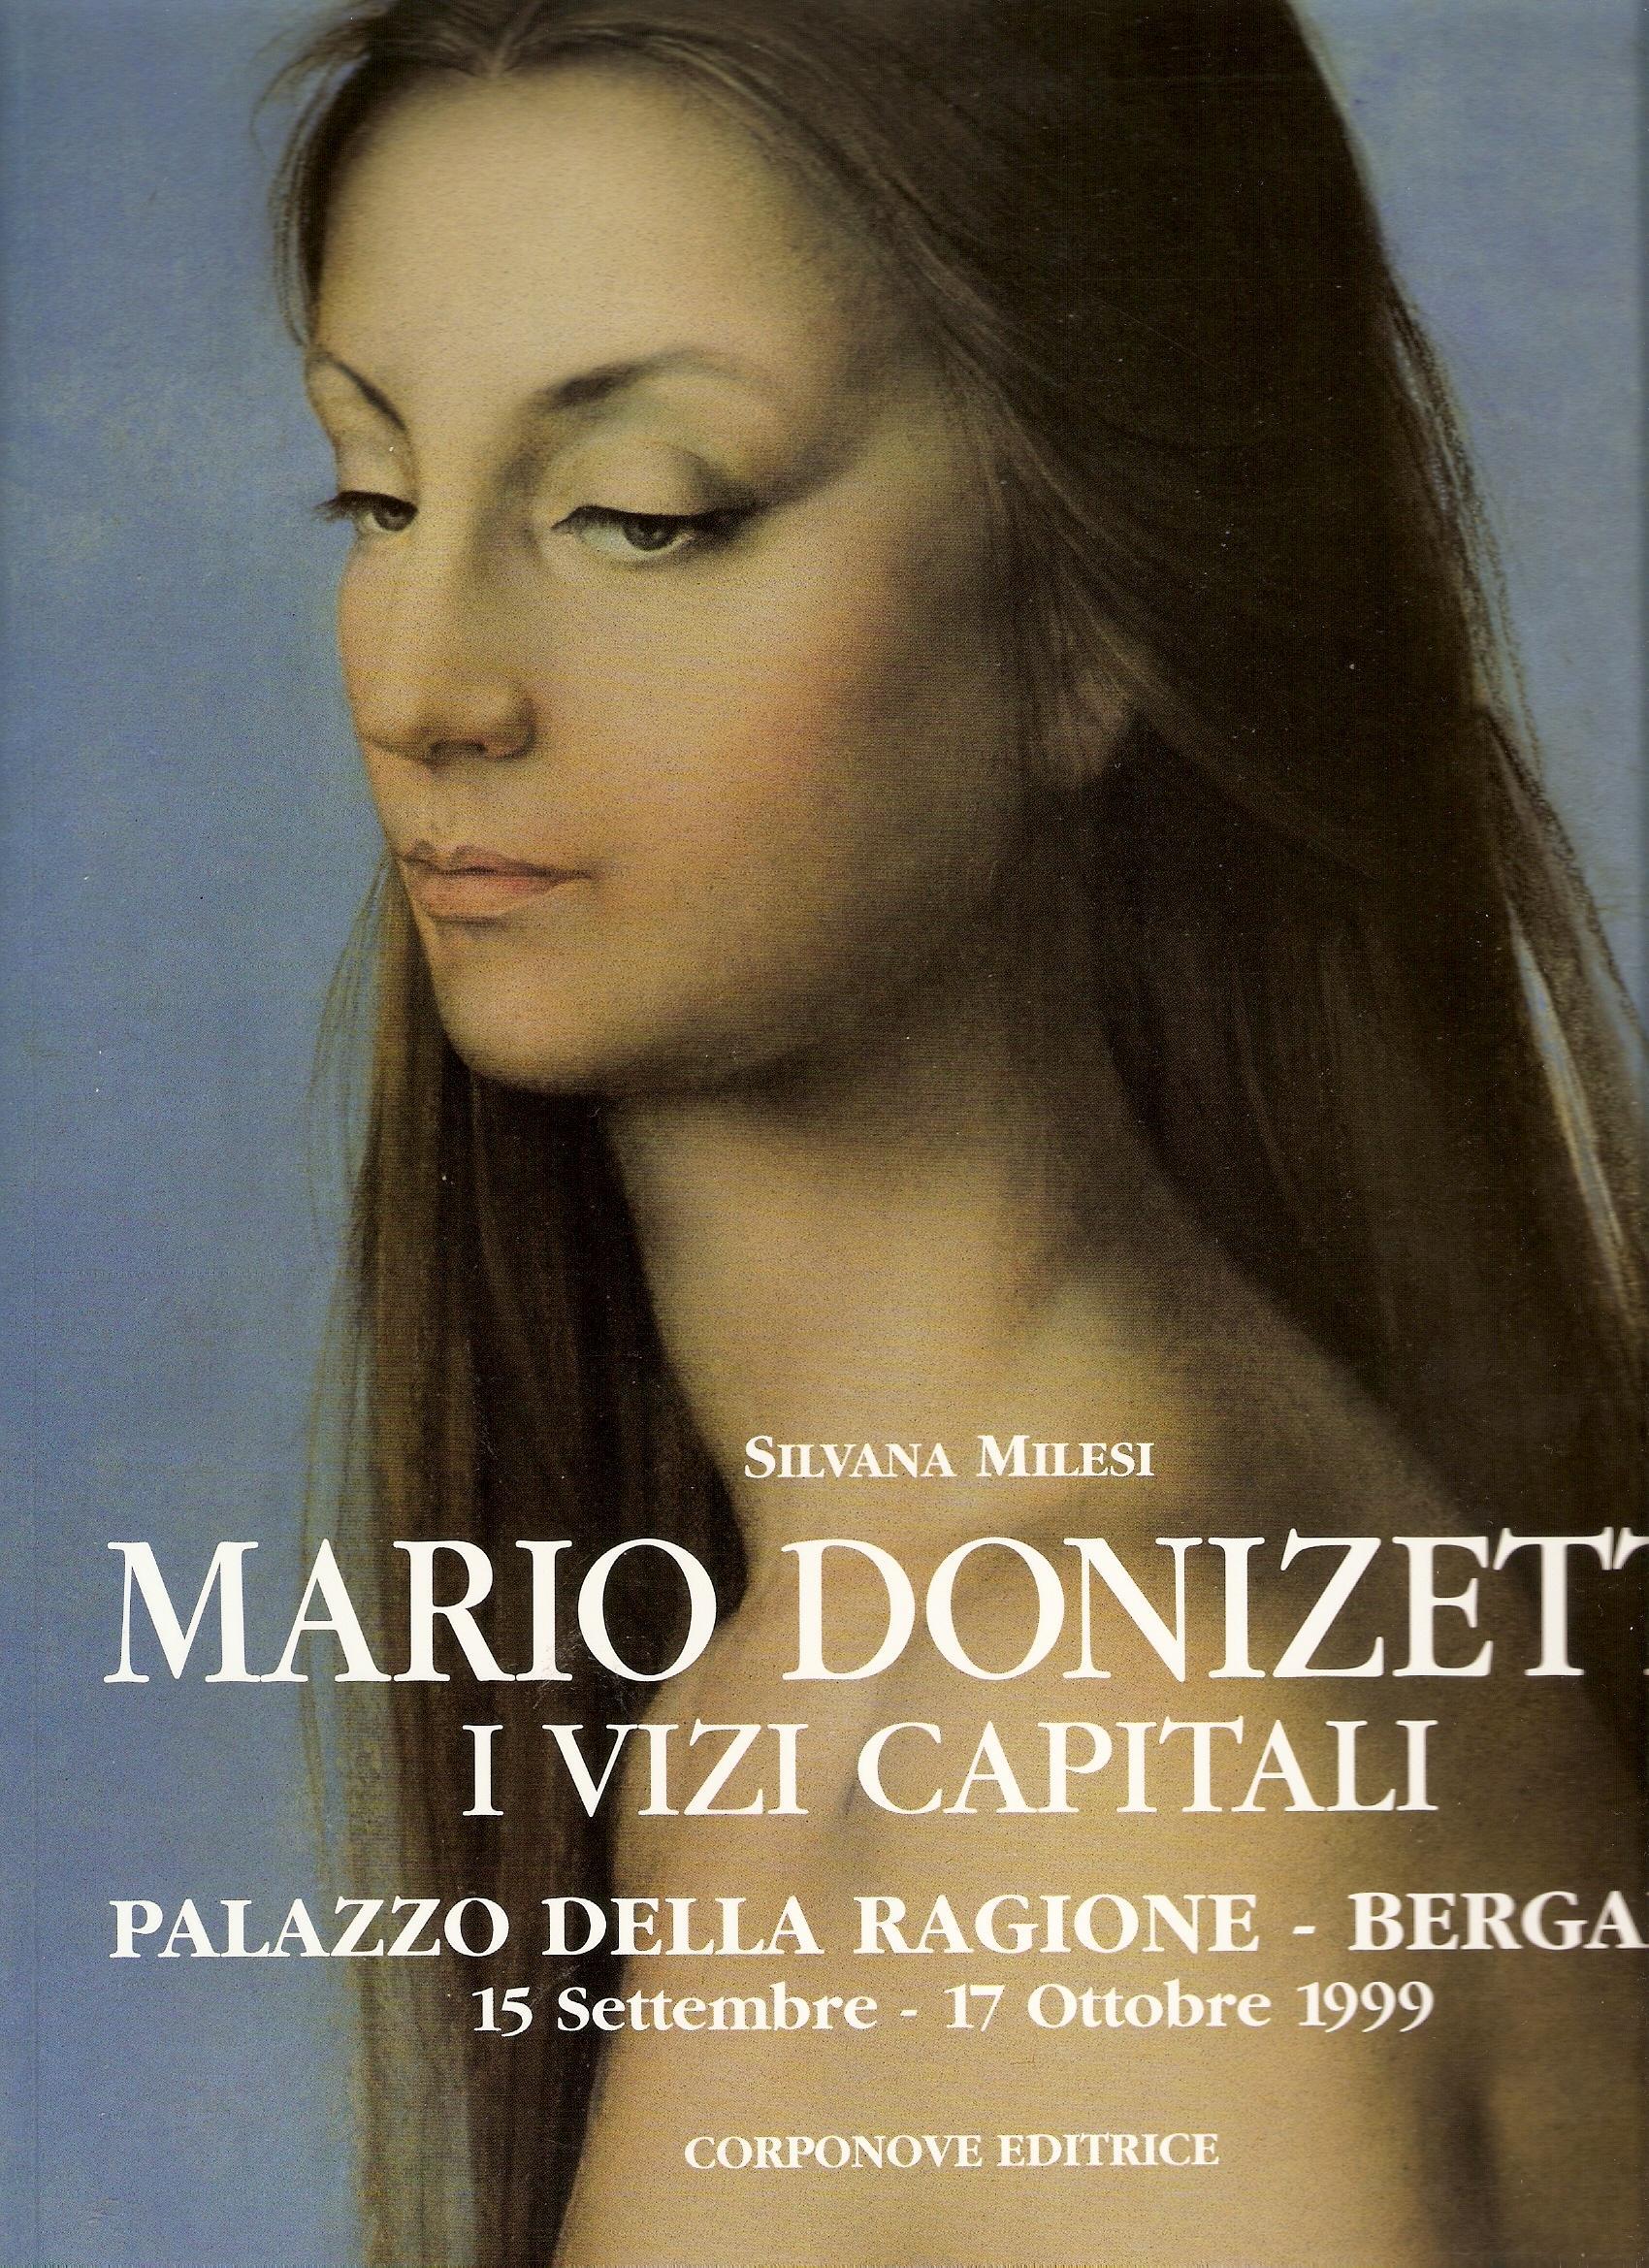 Mario Donizetti: vizi capitali